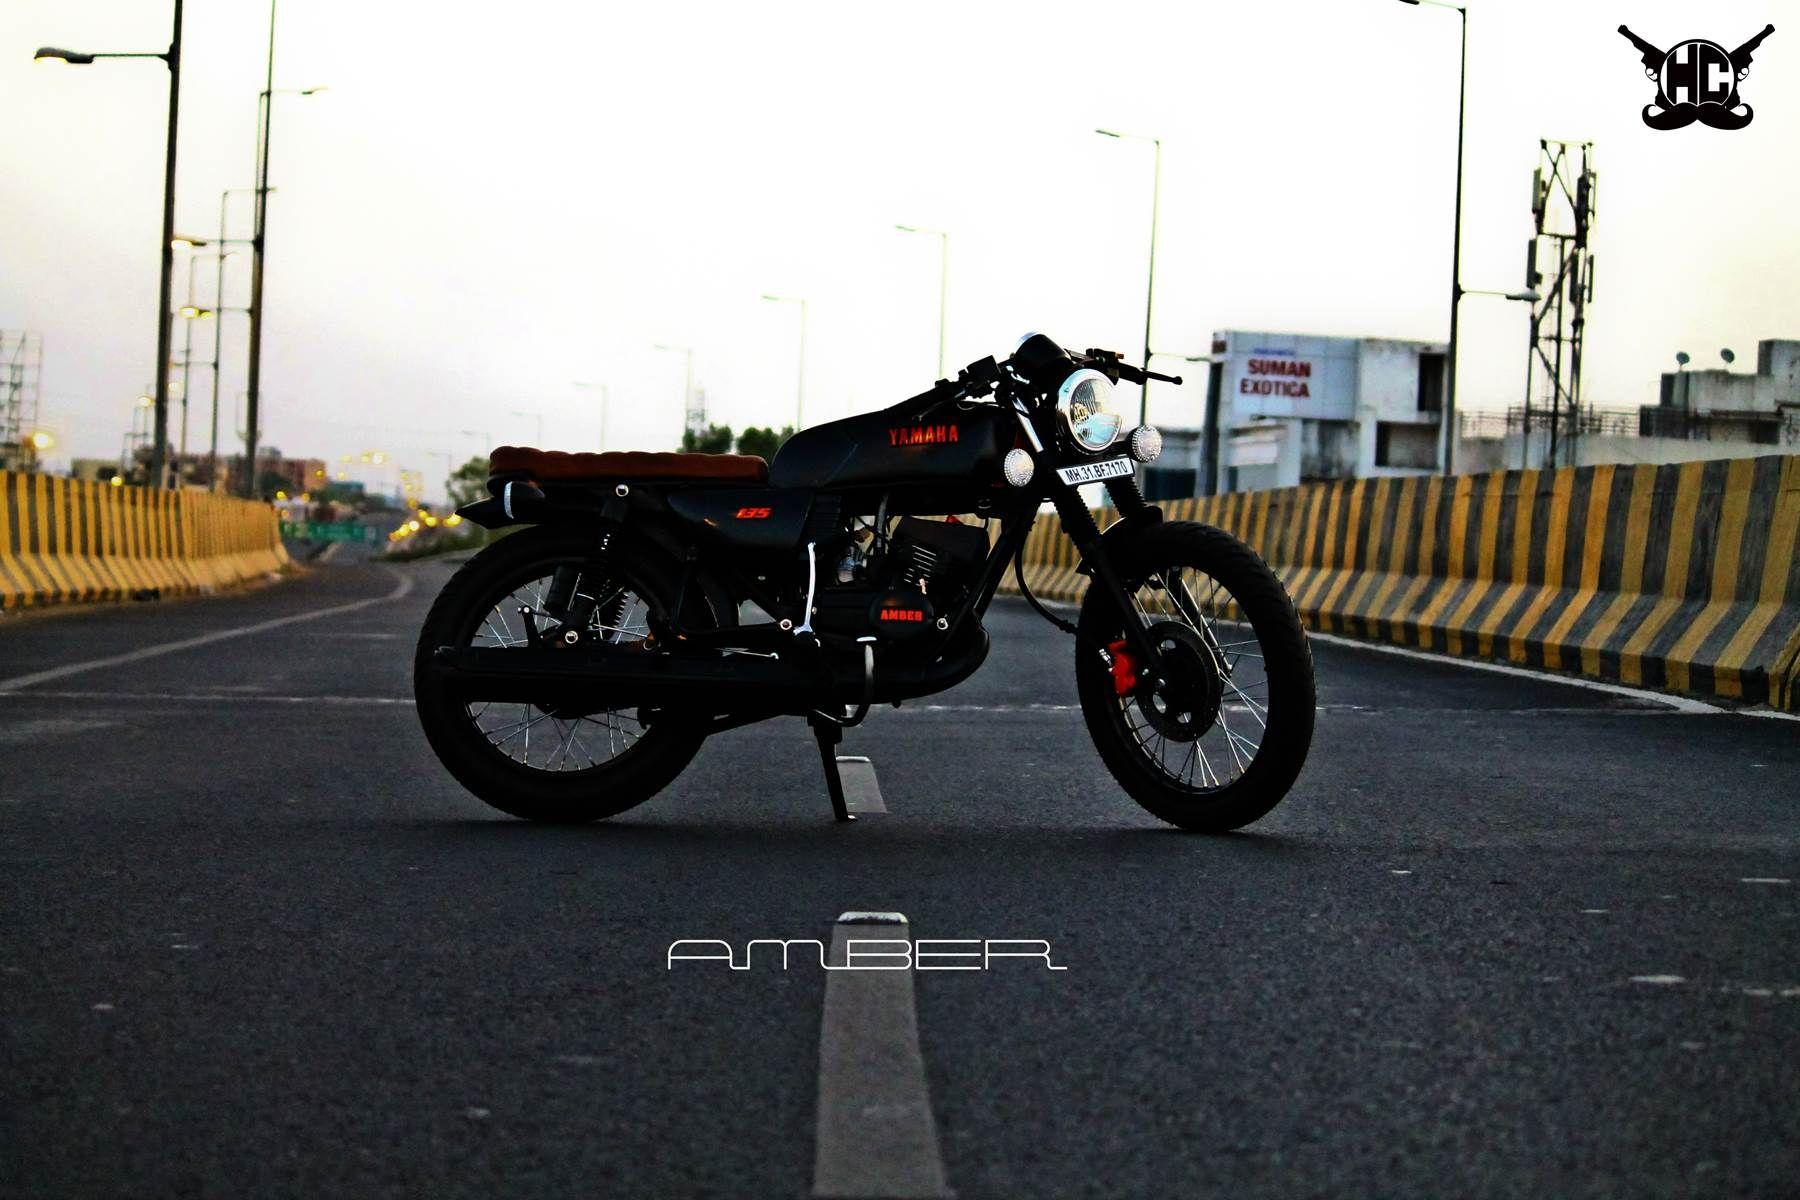 Modified Yamaha Rx135 Cafe Racer Hindustan Customs Nagpur Cafe